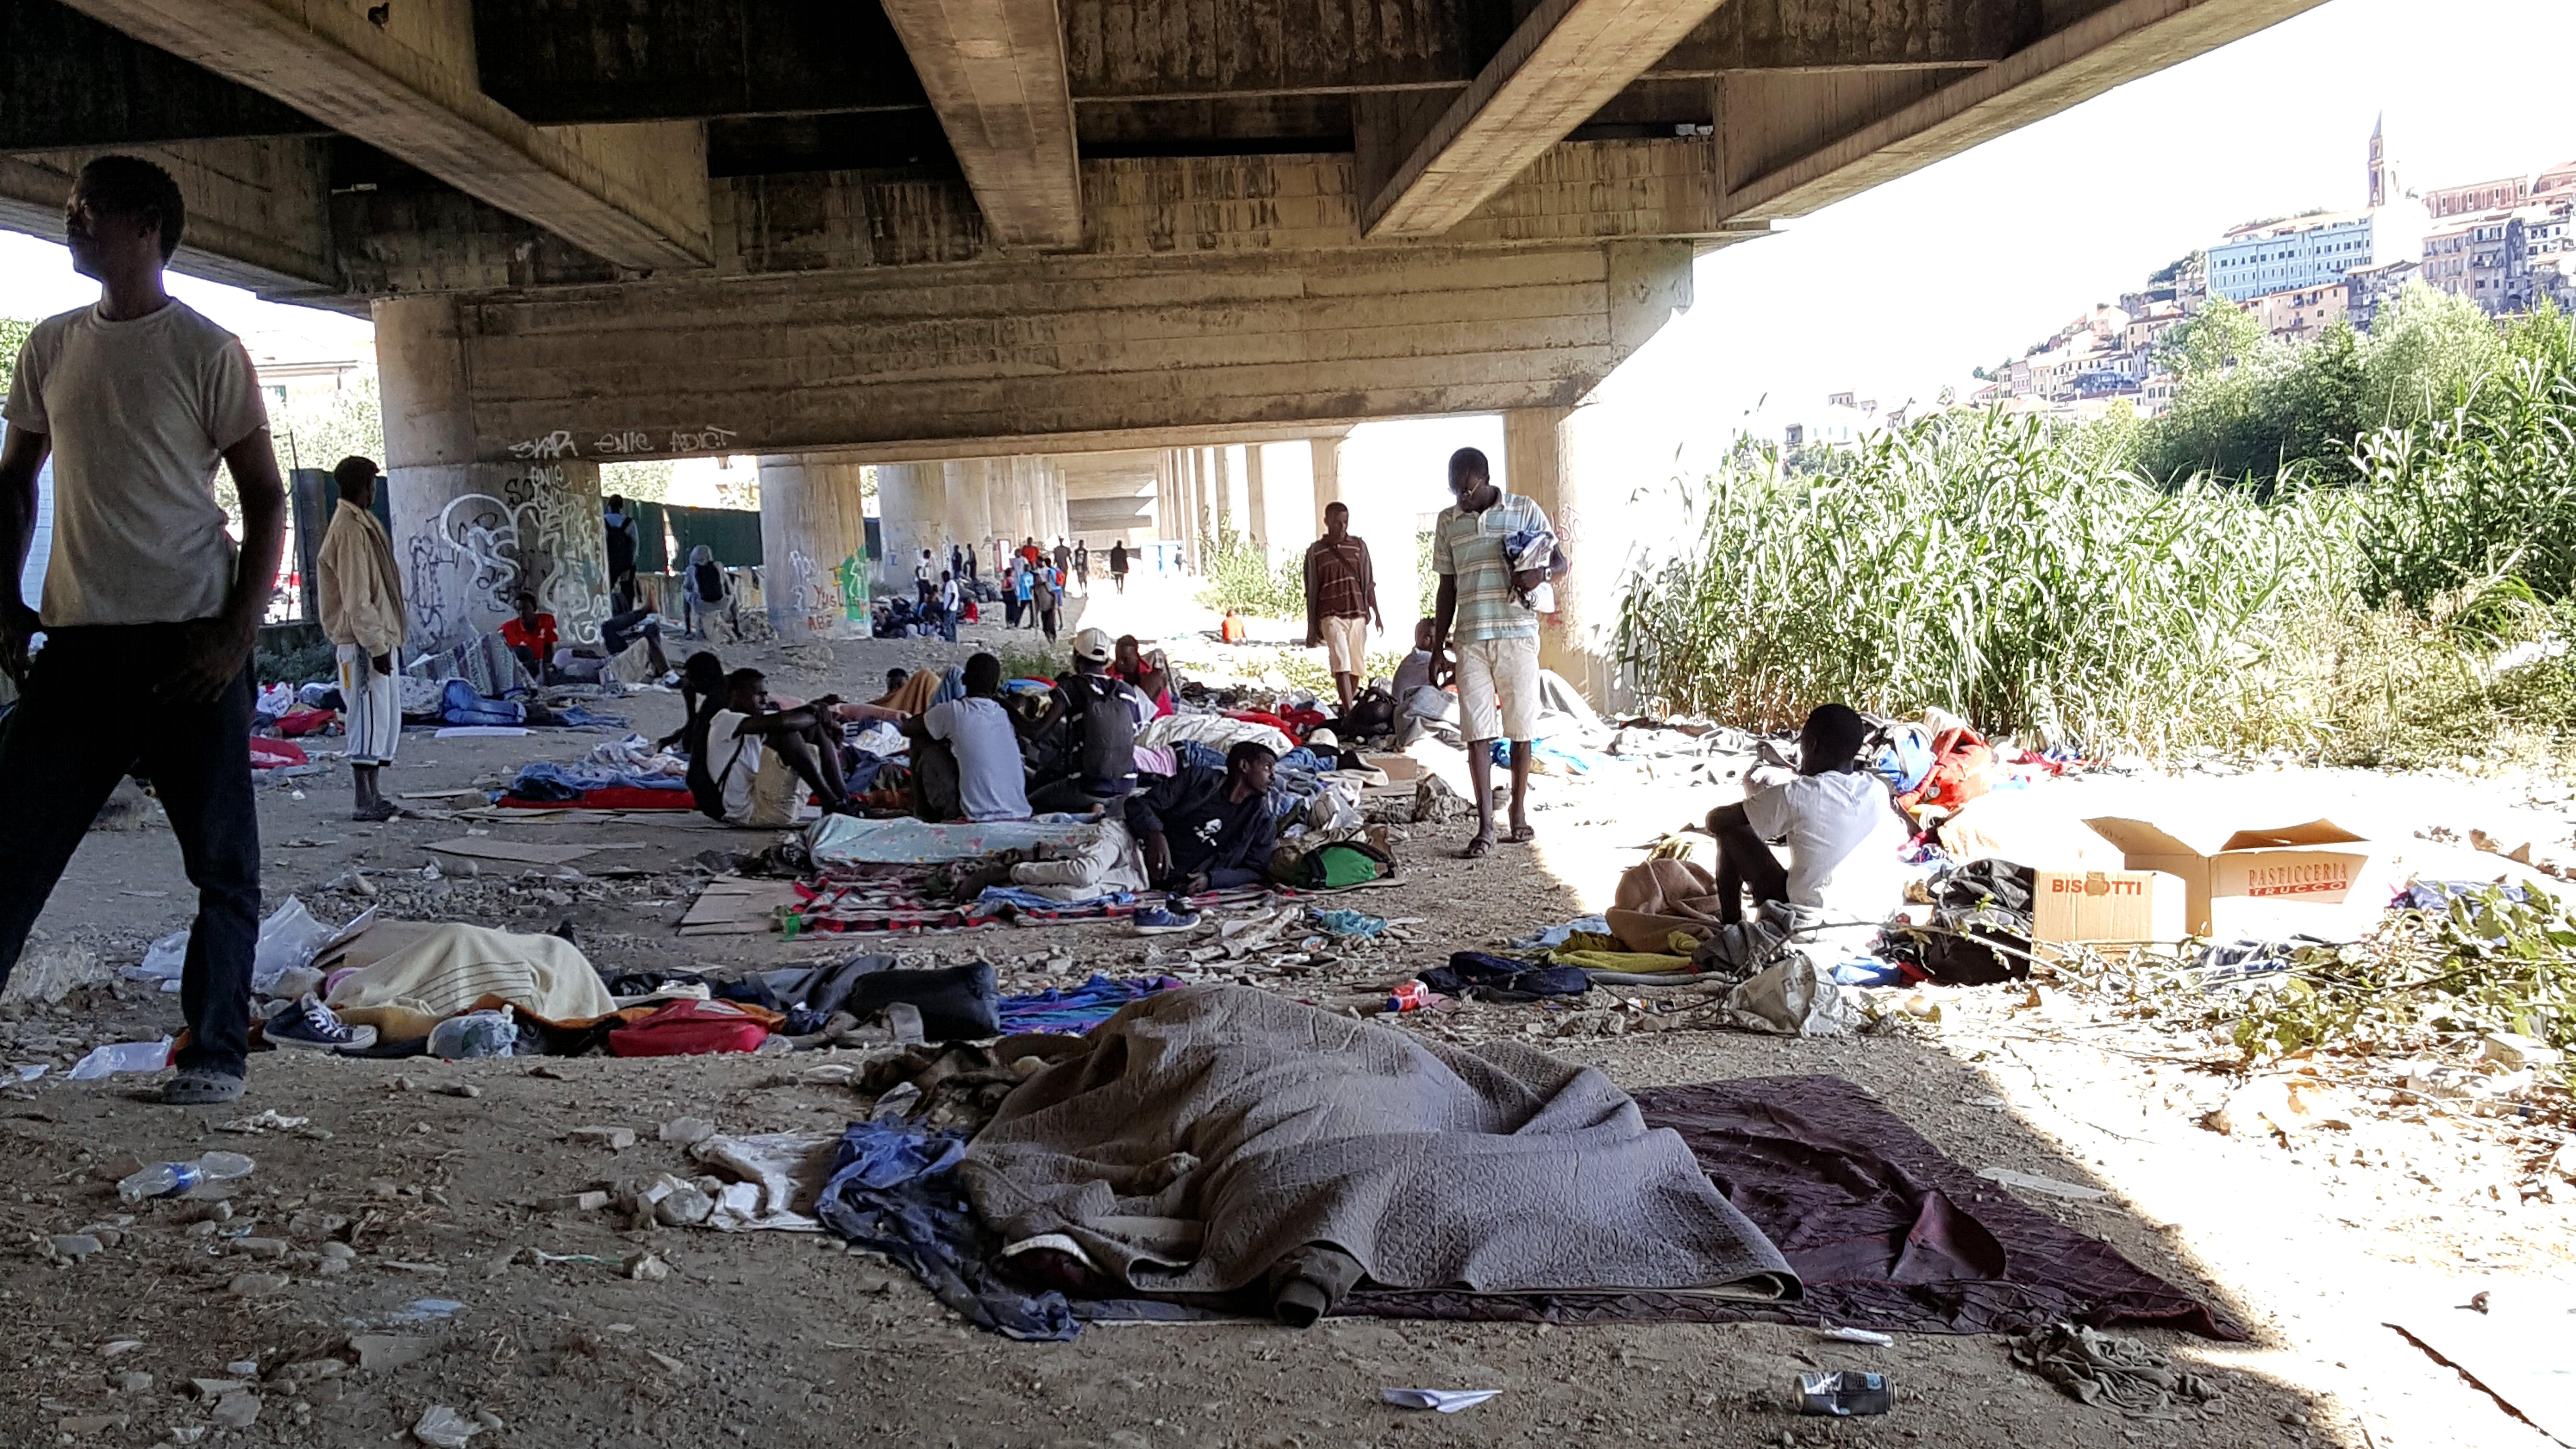 Foto d'archivio, migranti sulle sponde del fiume Roja in attesa di attraversare il confine con la Francia